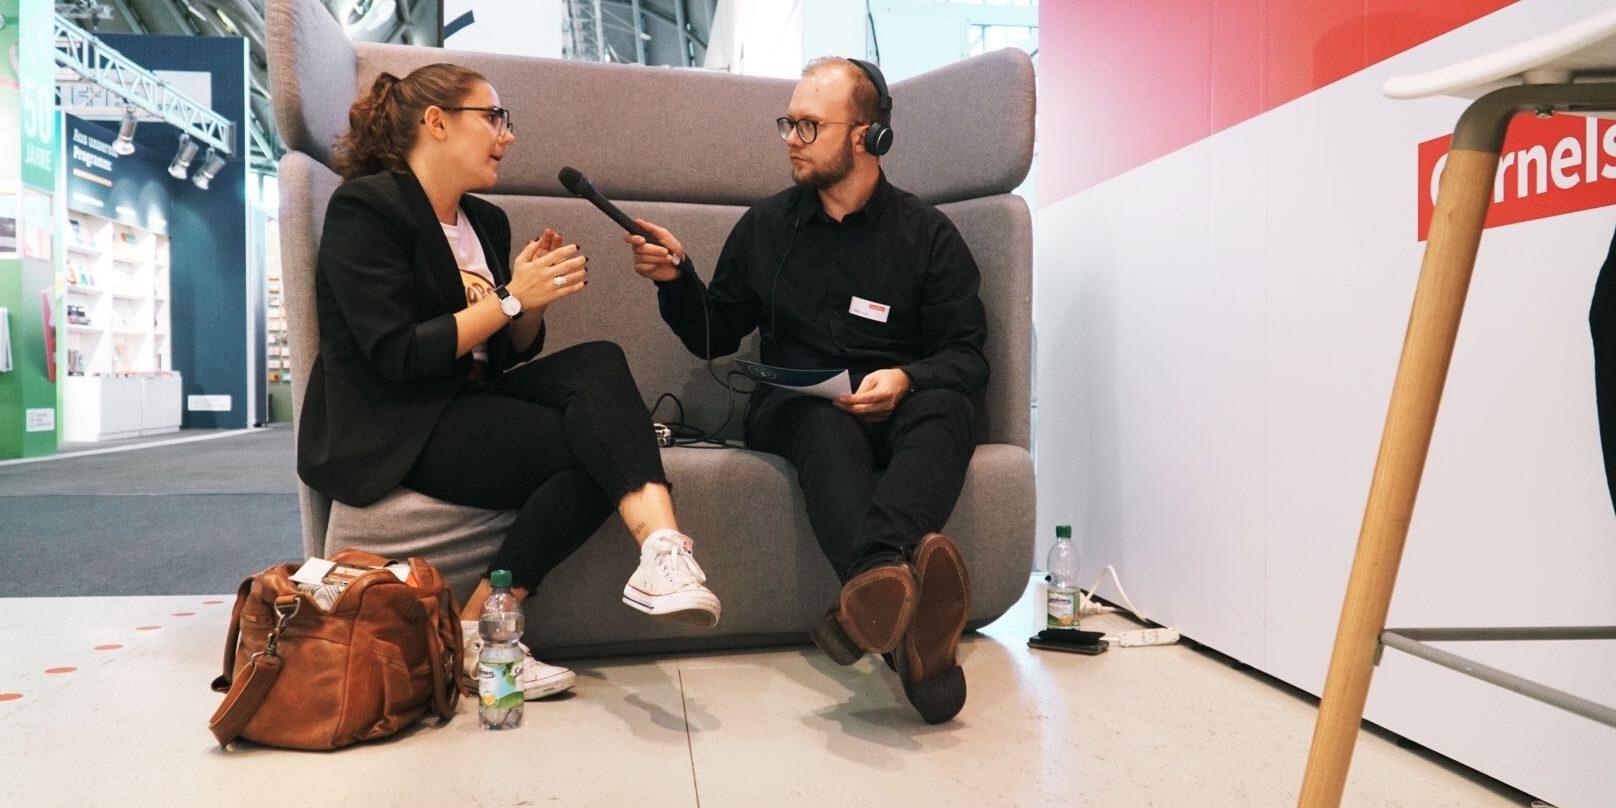 Emely Dilchert im Gespräch mit Florian Lange bei der EduCouch